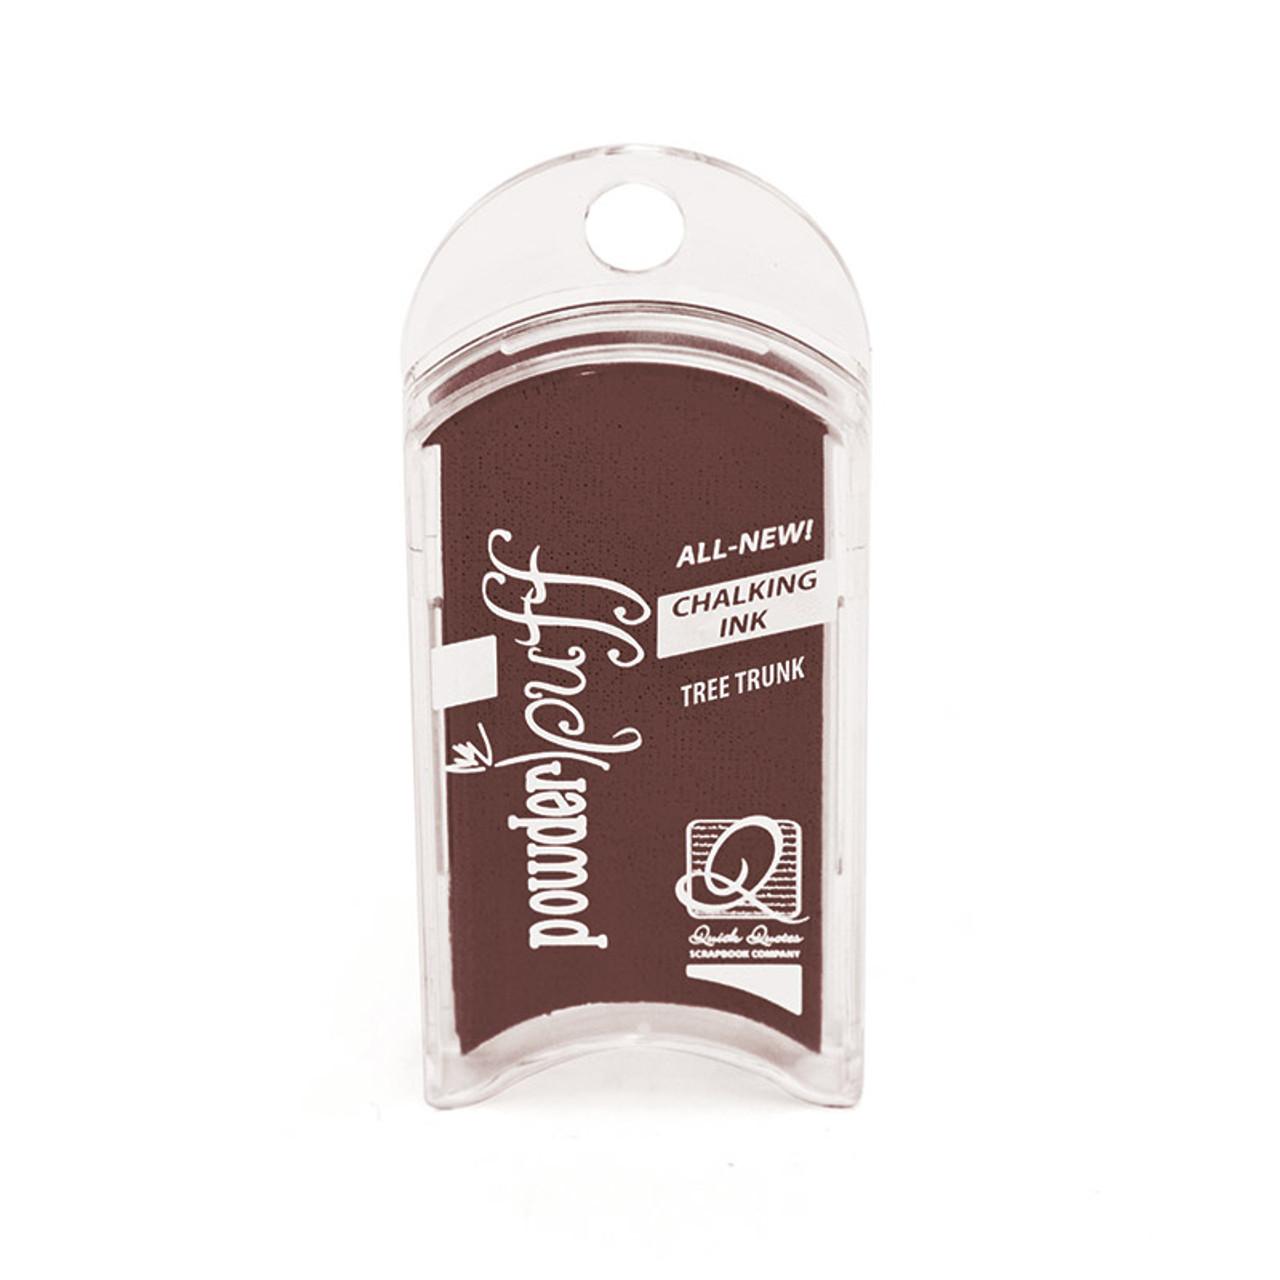 Tree Trunk PowderPuff Chalking Inks (POW149)